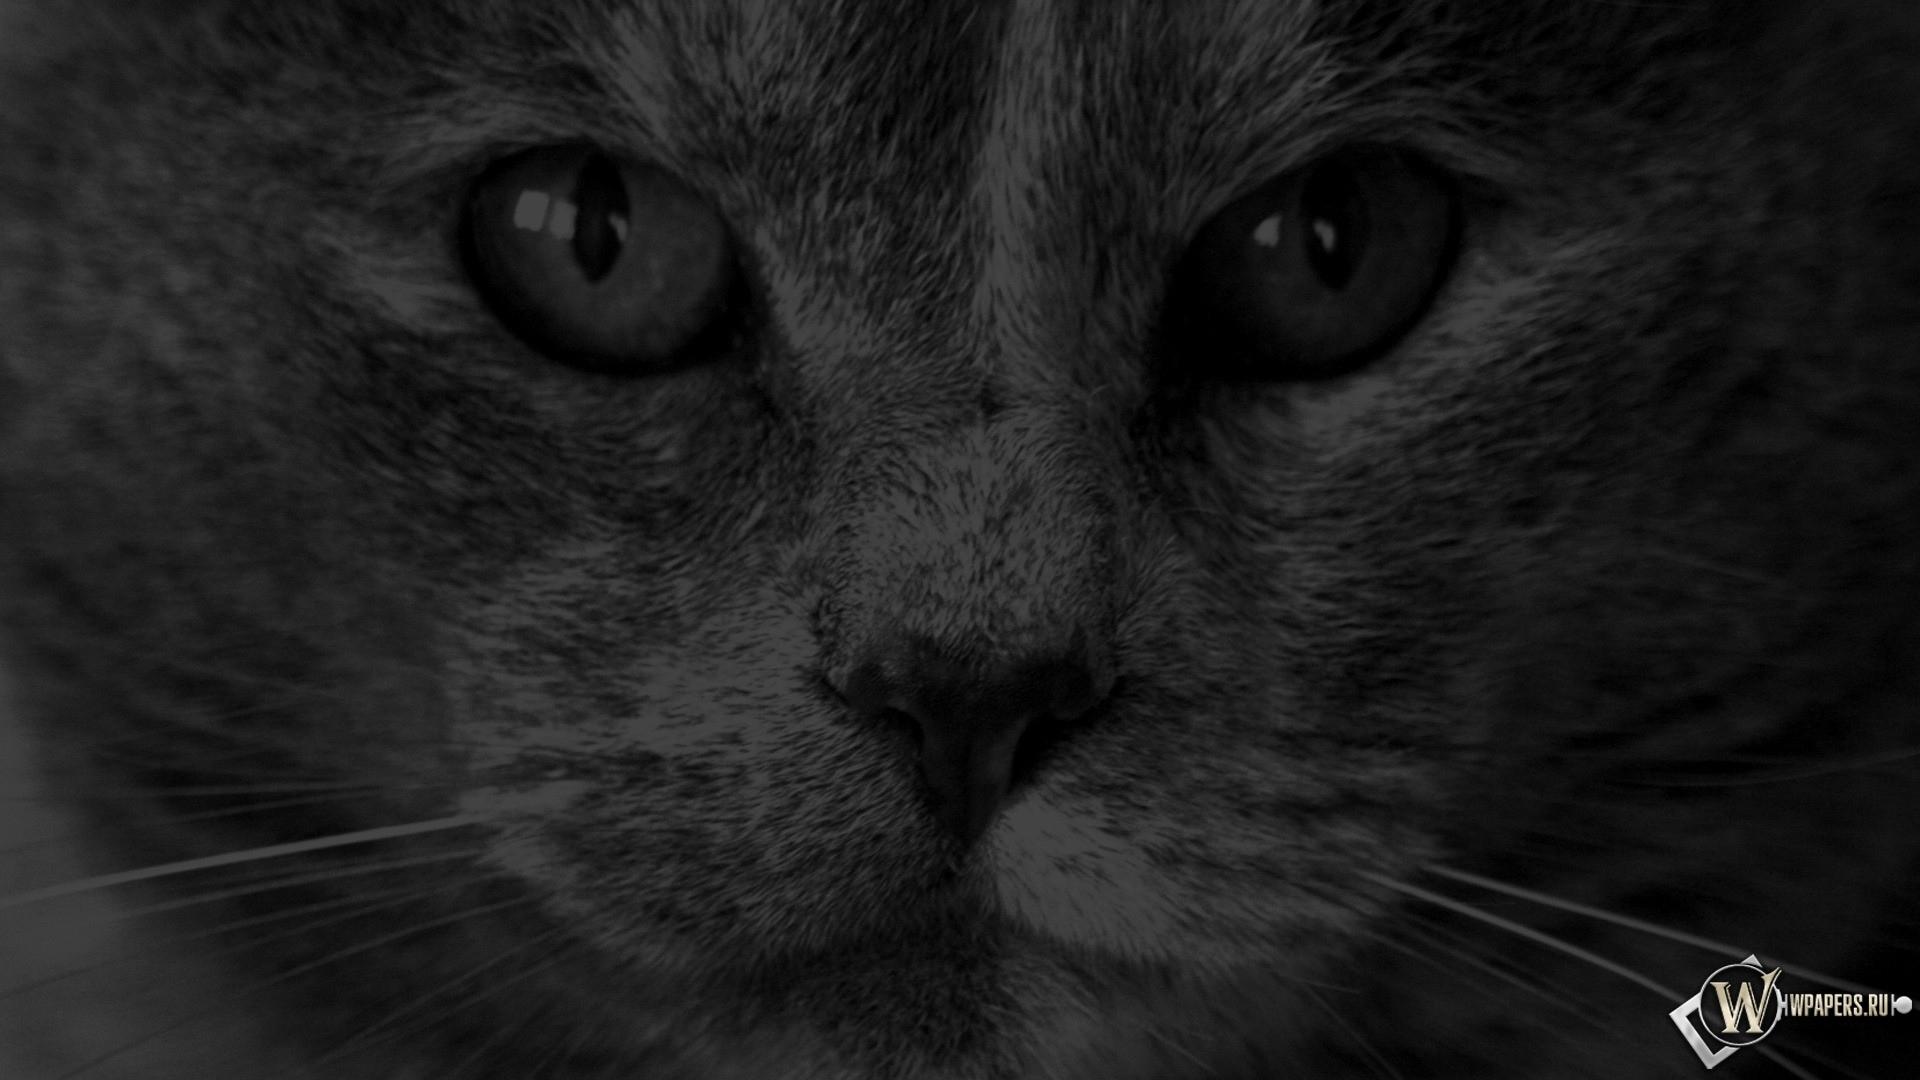 кот в темноте 1920x1080